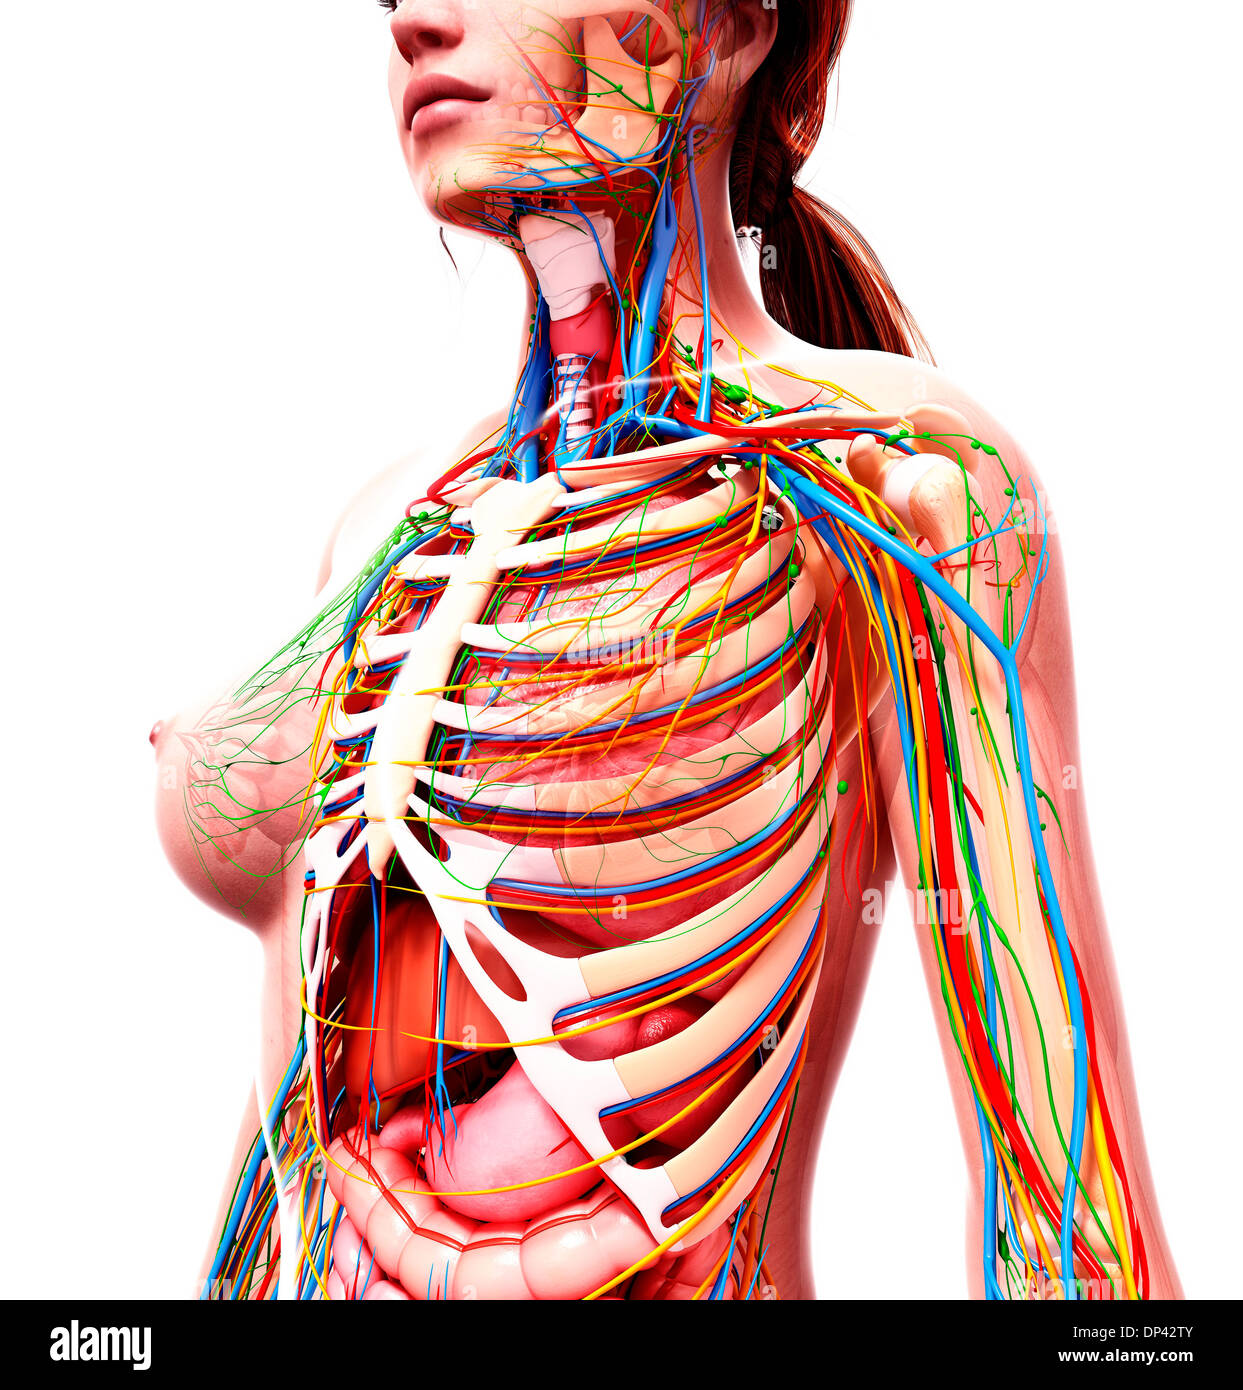 Weibliche Anatomie, artwork Stockfoto, Bild: 65243611 - Alamy